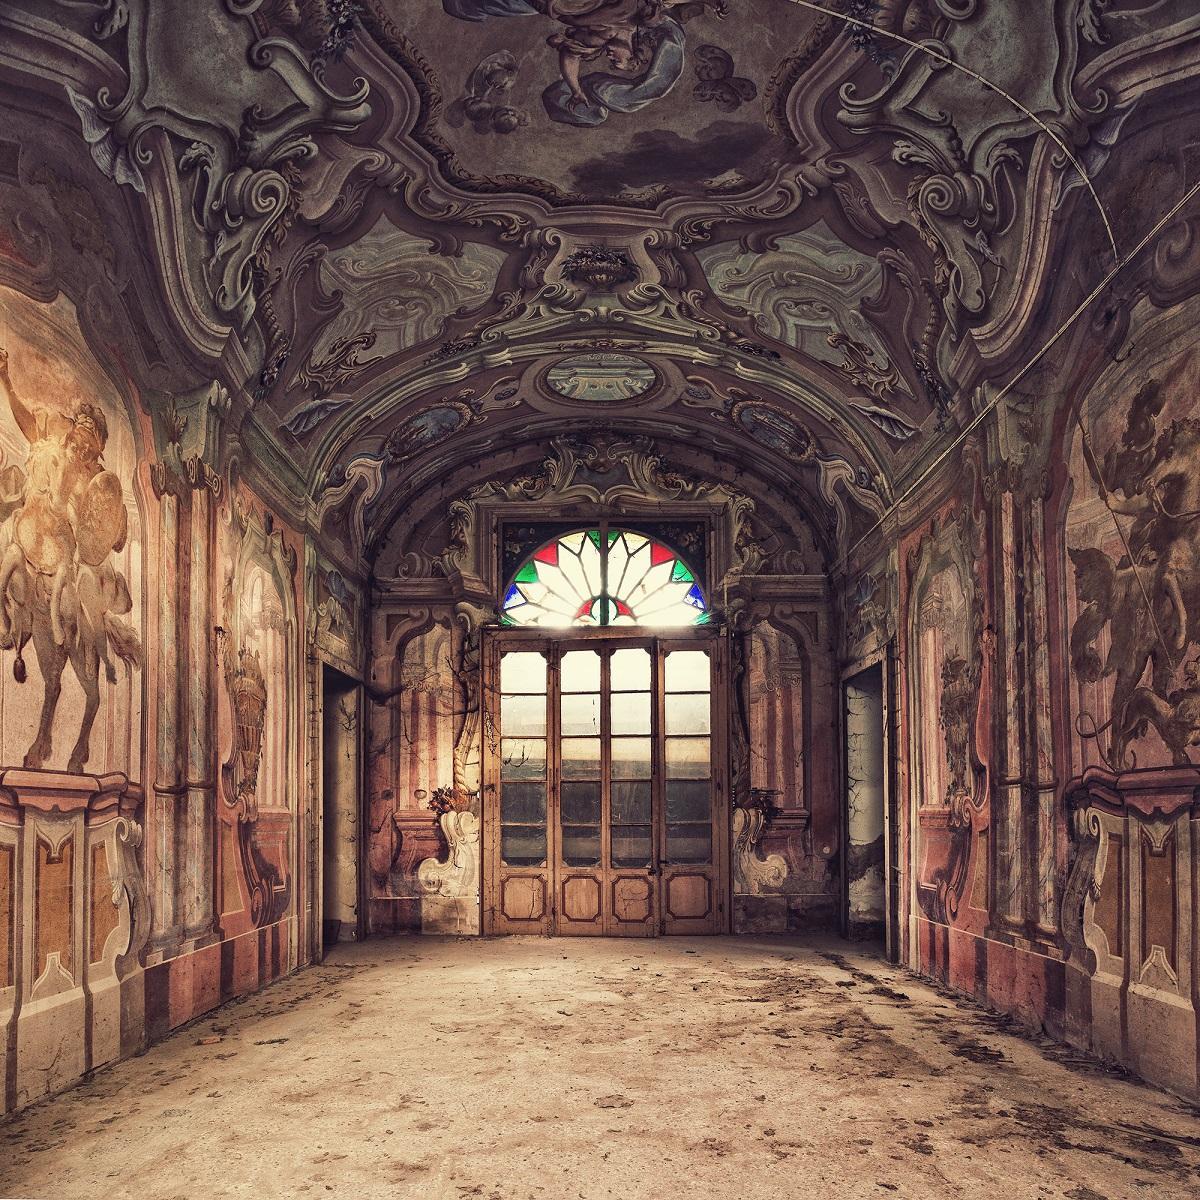 Palazzo, Decadenza series (Interior of abandoned palace, Italy)